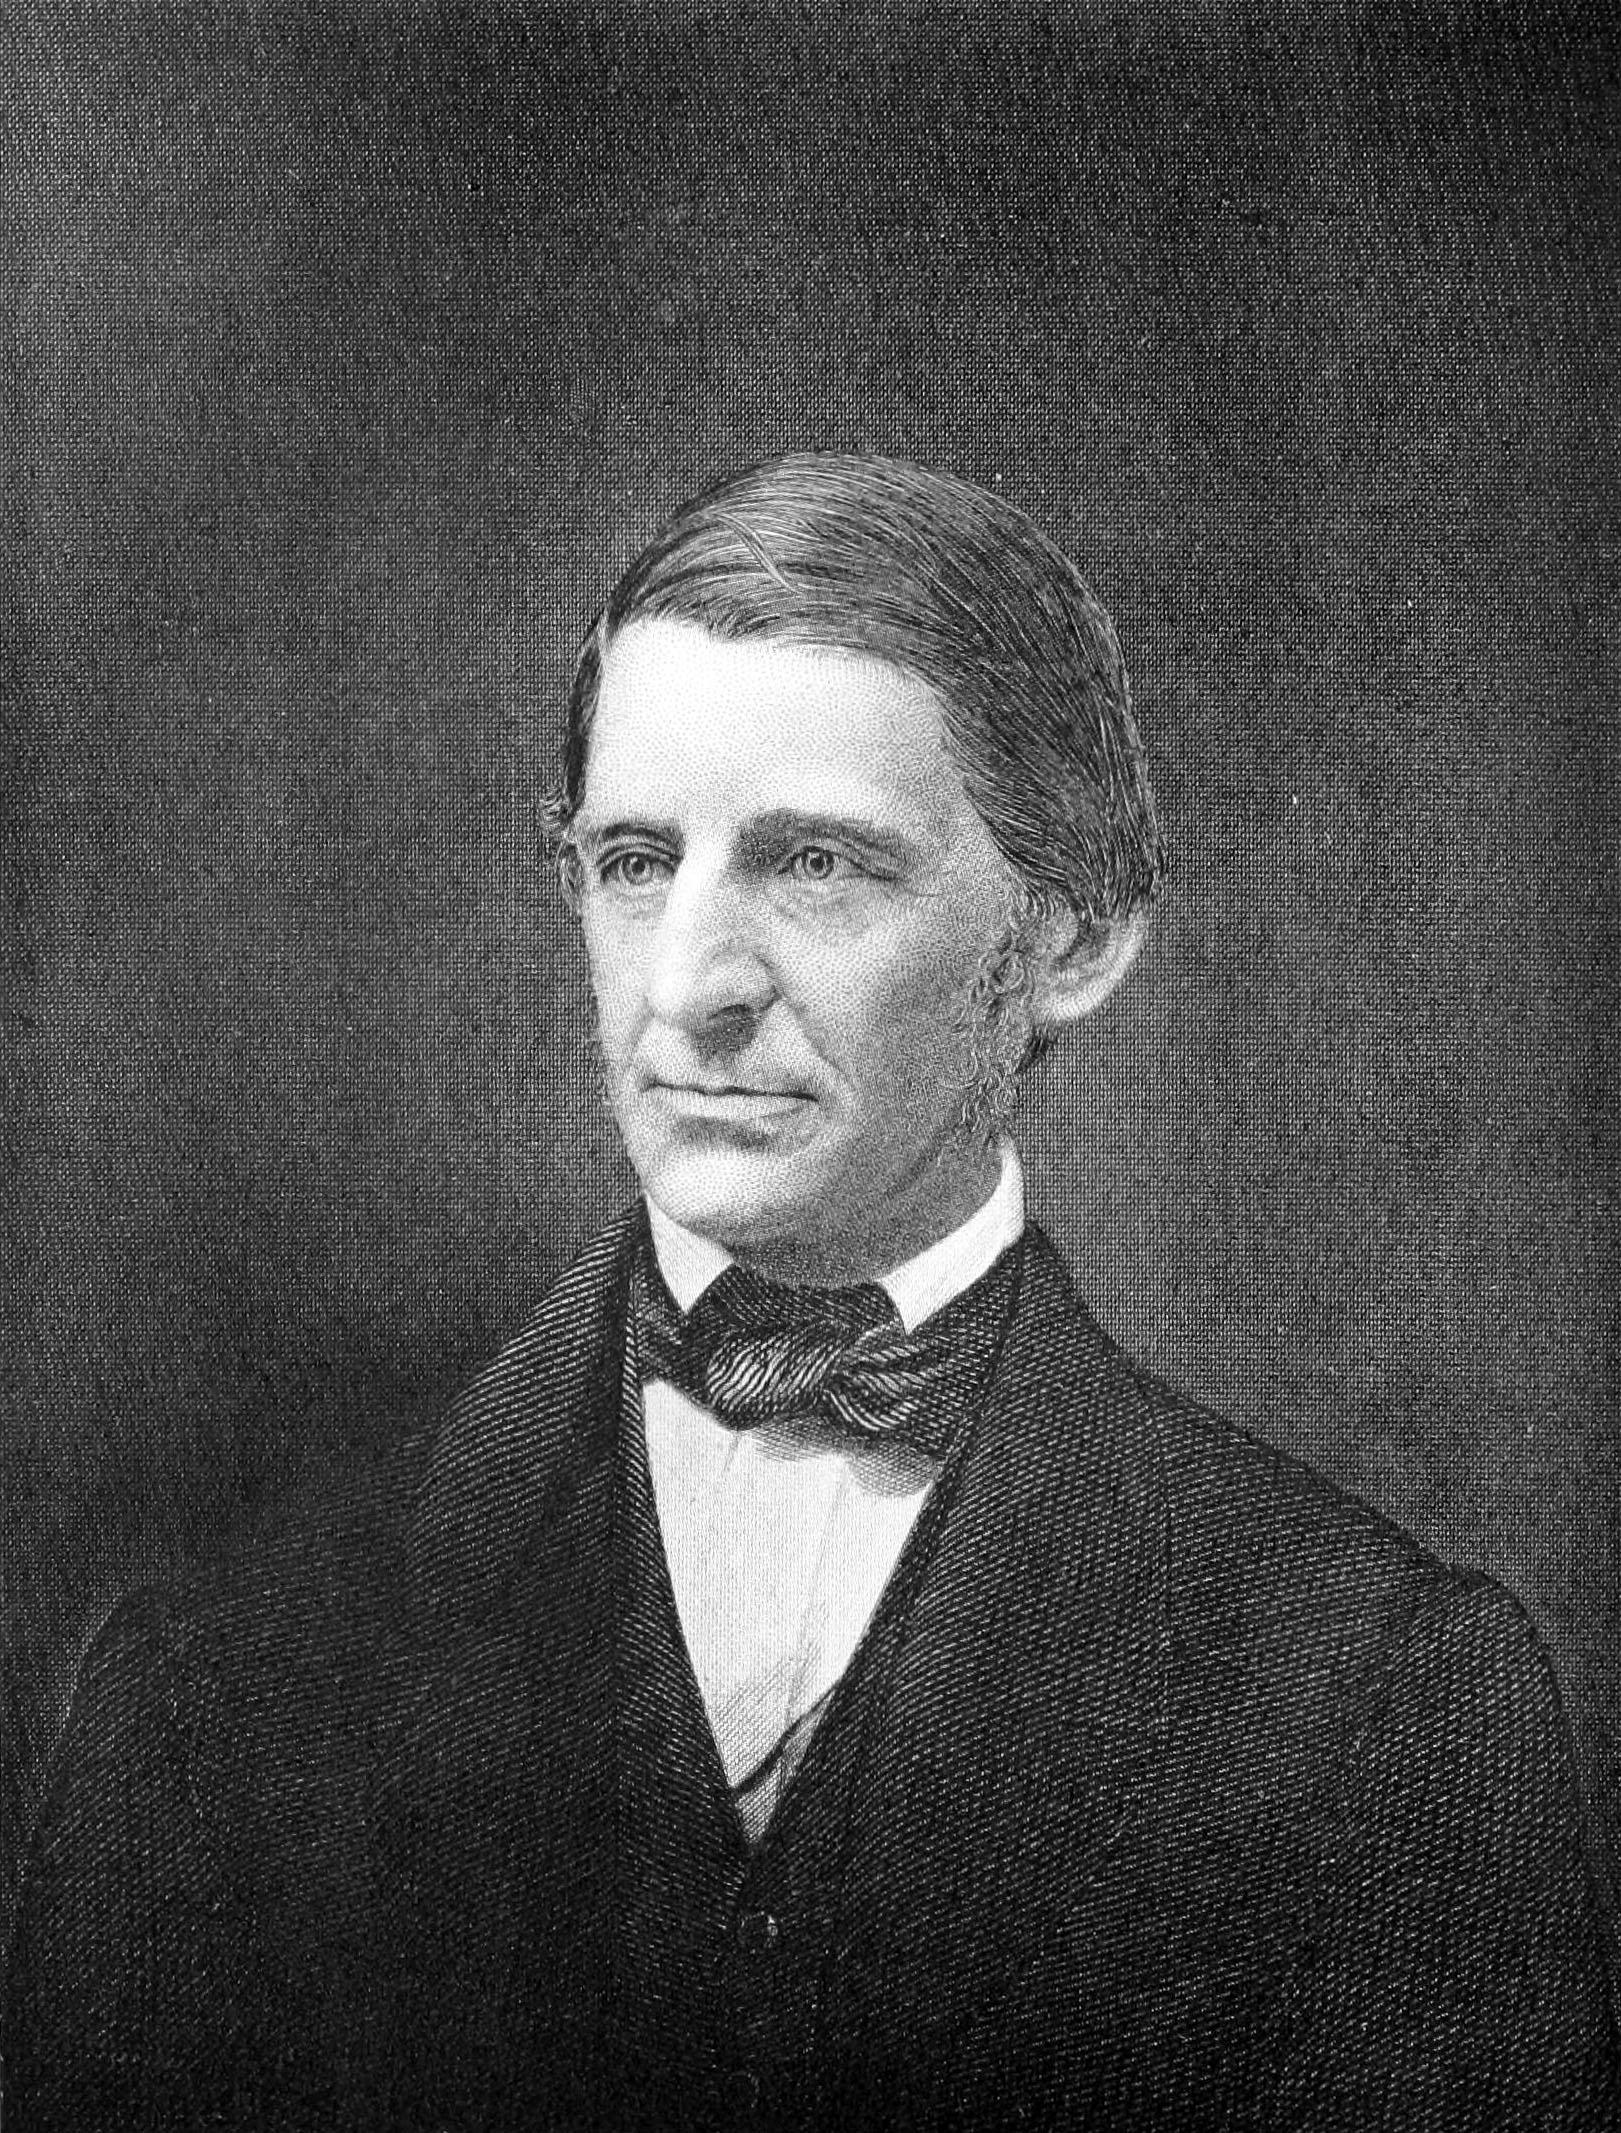 Boston Hymn by Ralph Waldo Emerson